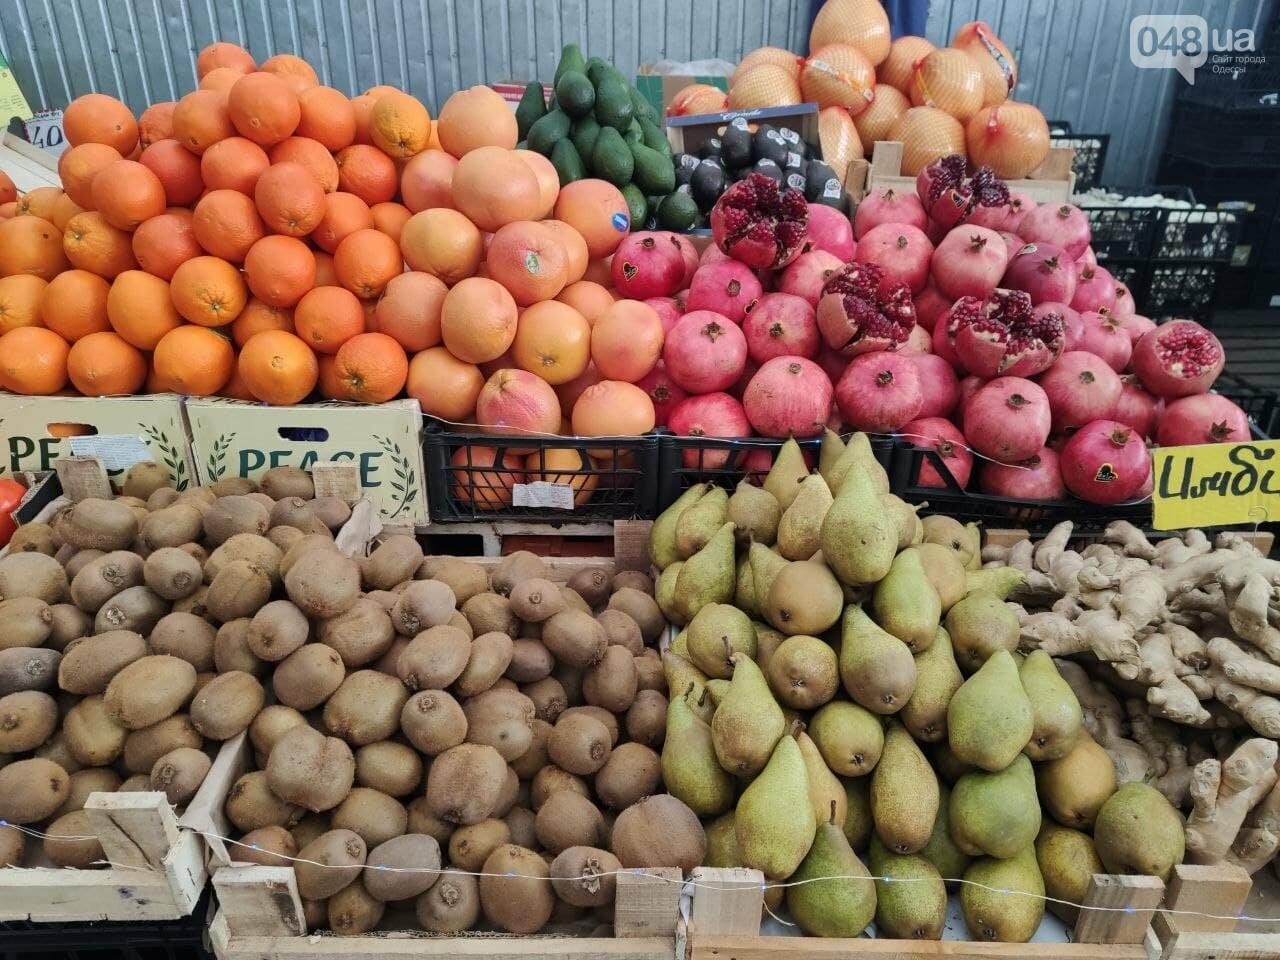 Огурцы, баклажаны, манго: почем на одесском Привозе фрукты и овощи, - ФОТО, фото-4